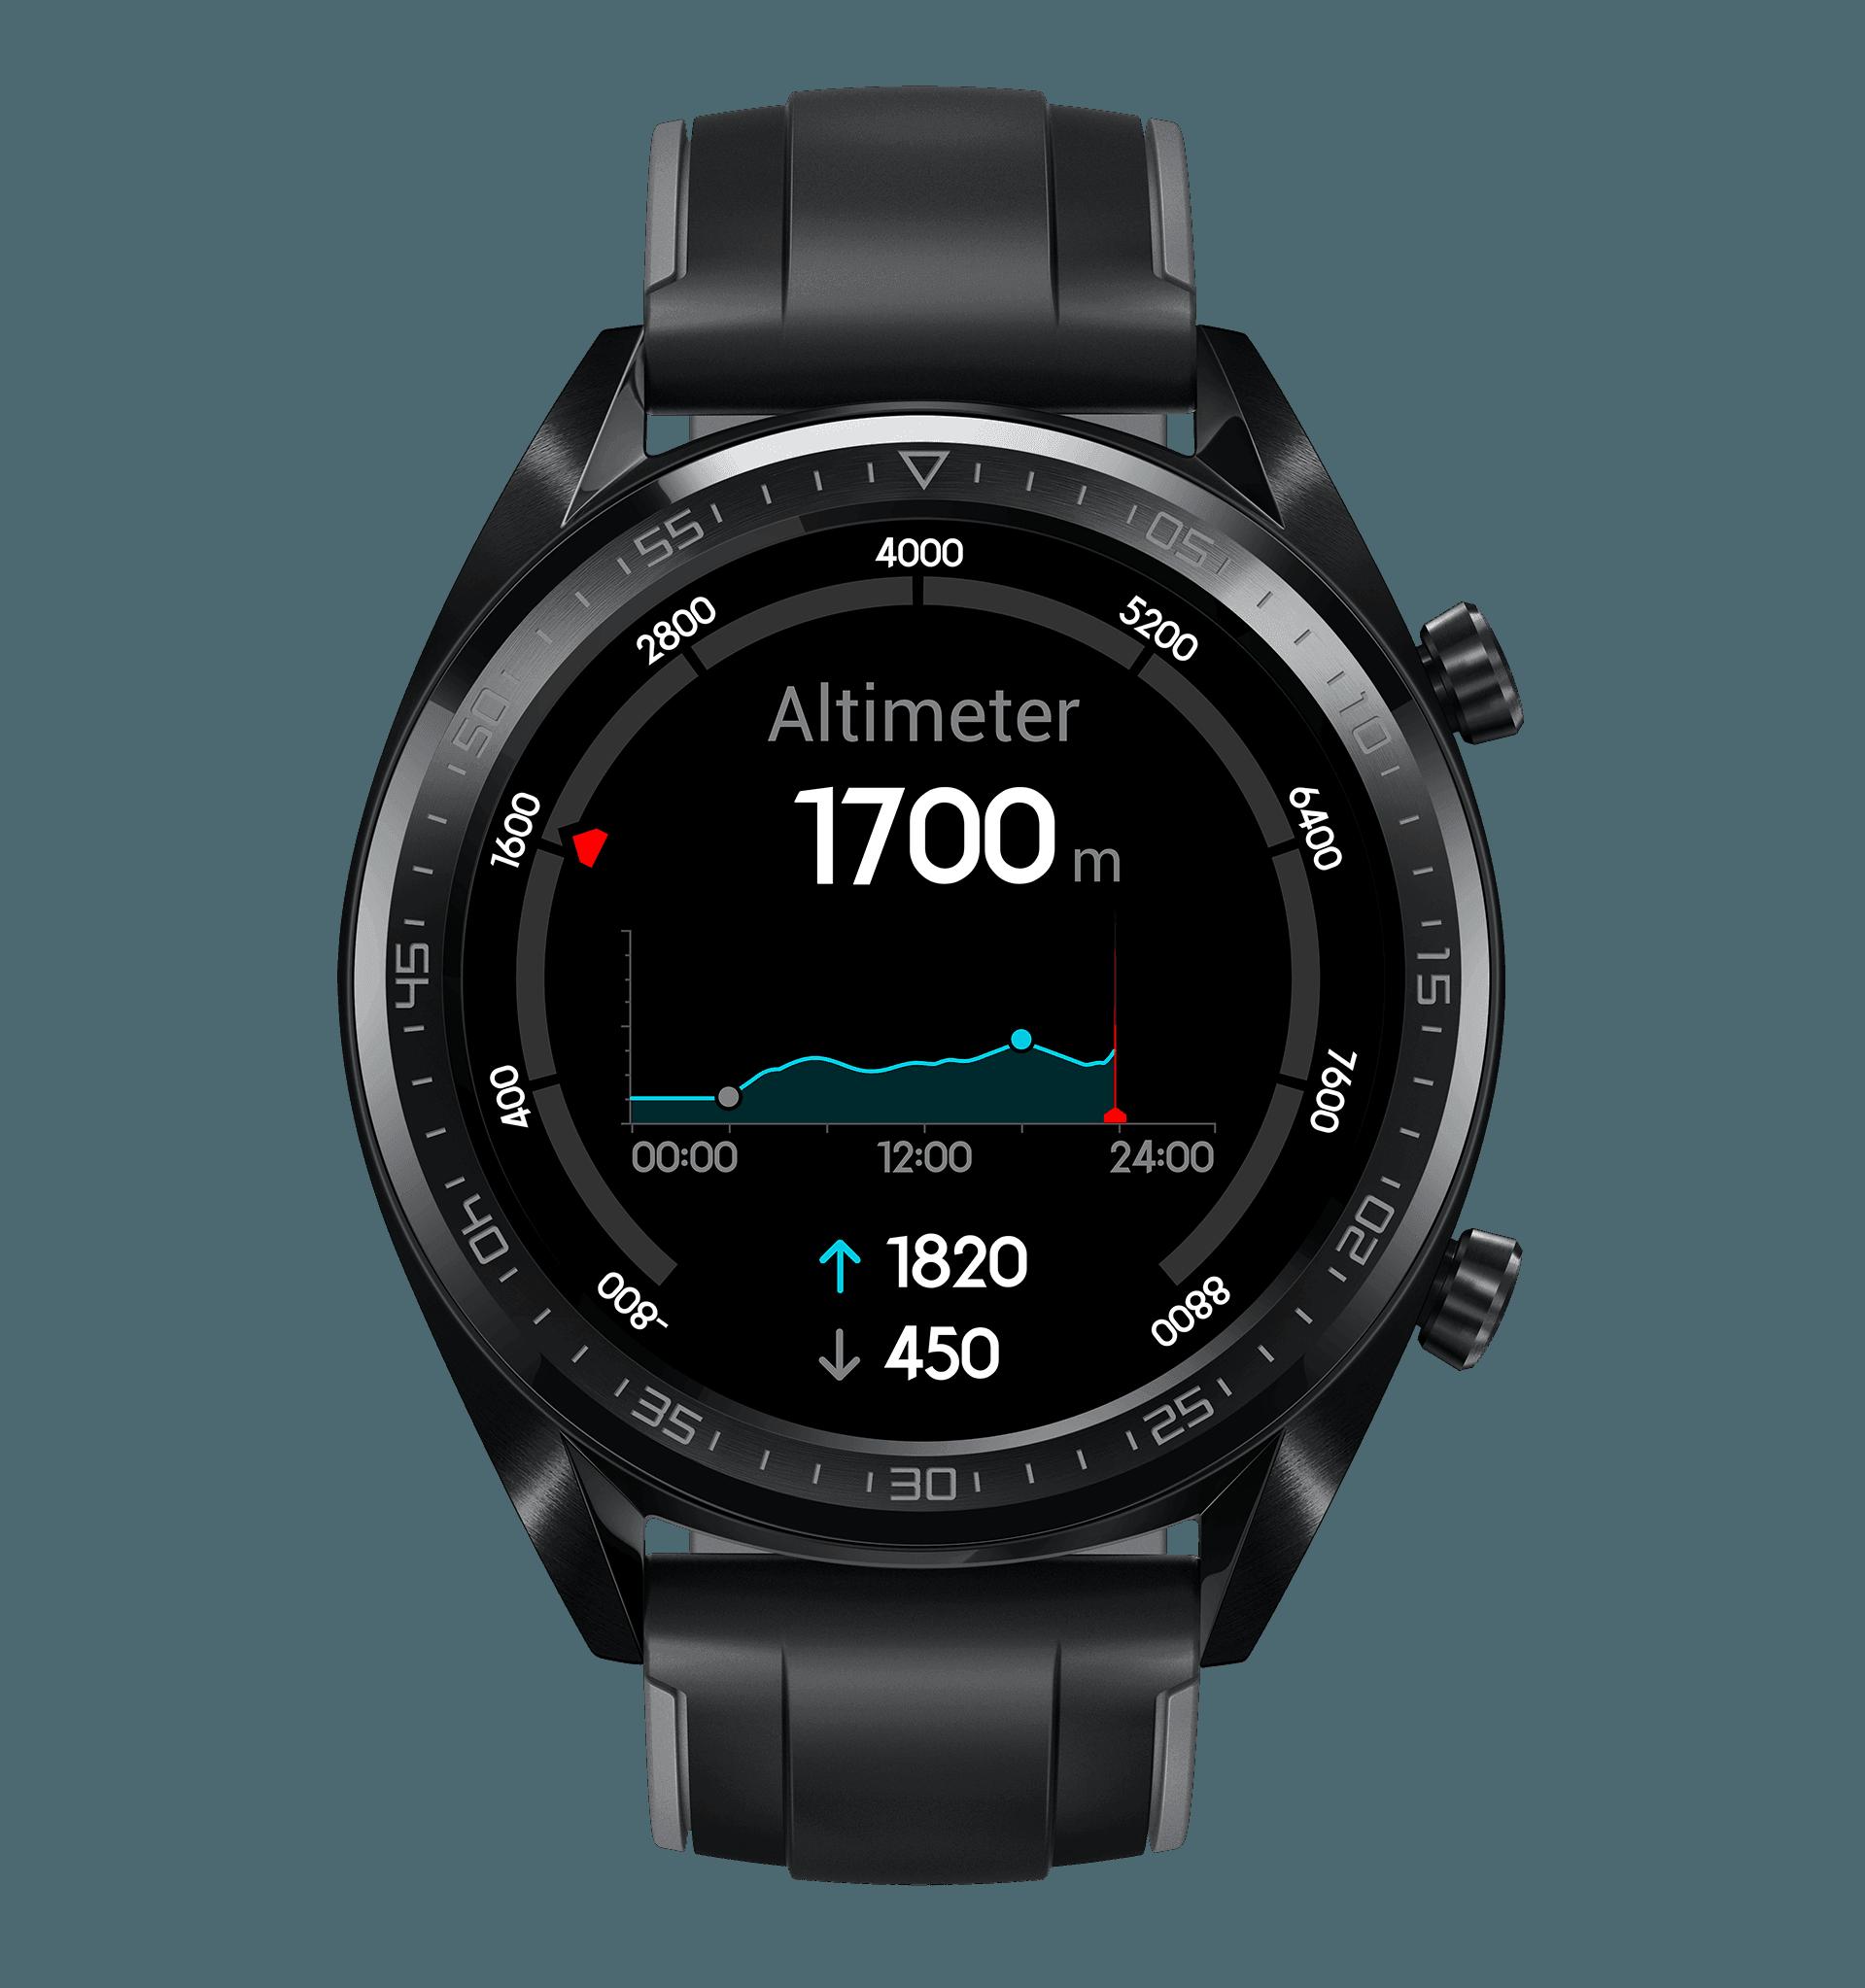 Watch GT, Band 3e und Band 3 Pro: Huawei stellt neue Wearables vor 10